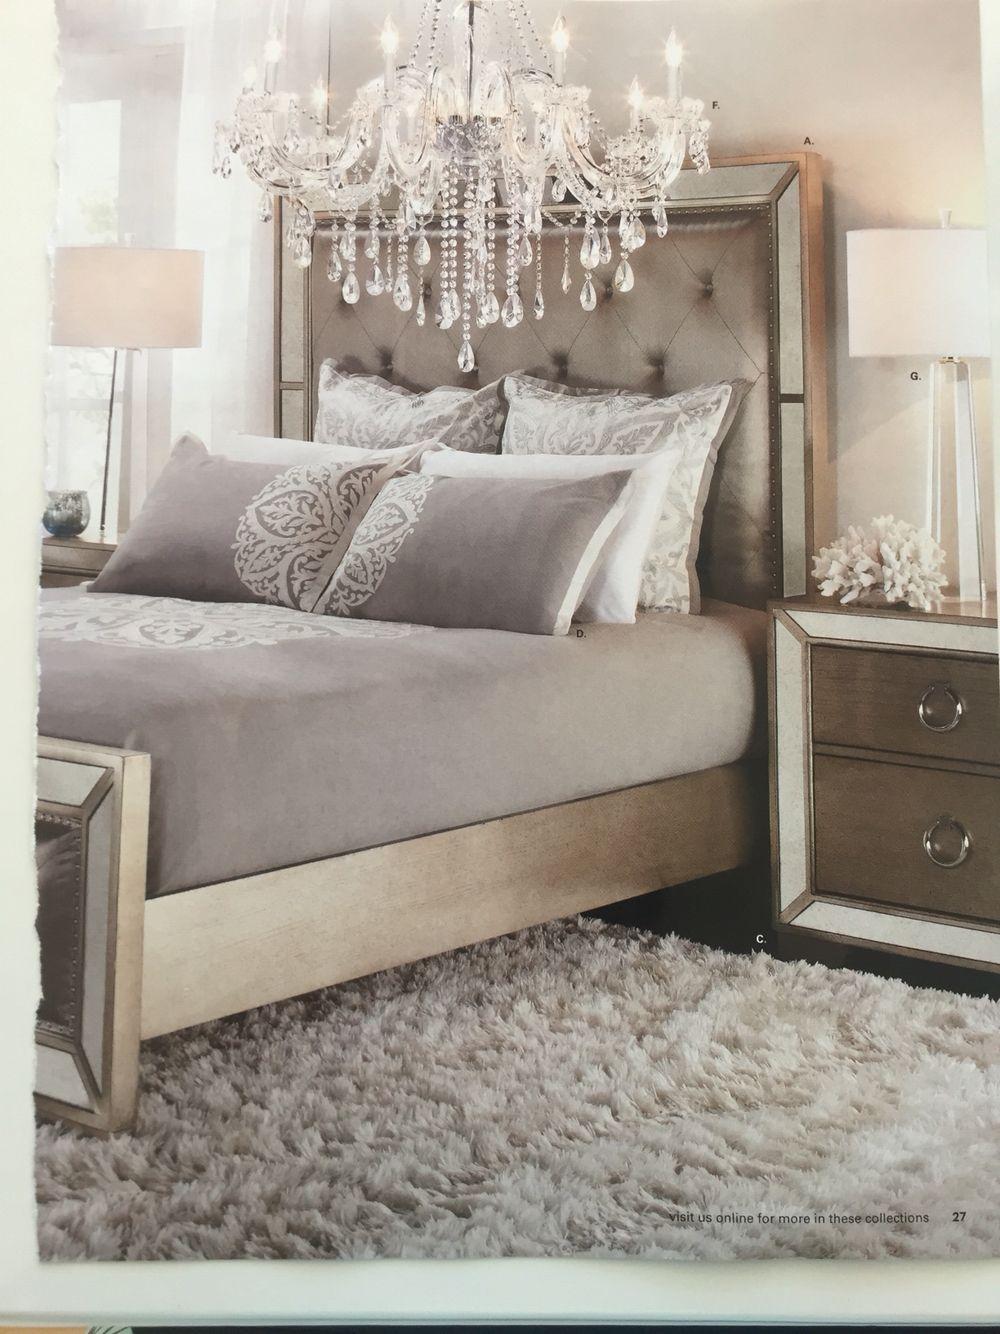 chandelier from z gallerie  luxury bedroom design